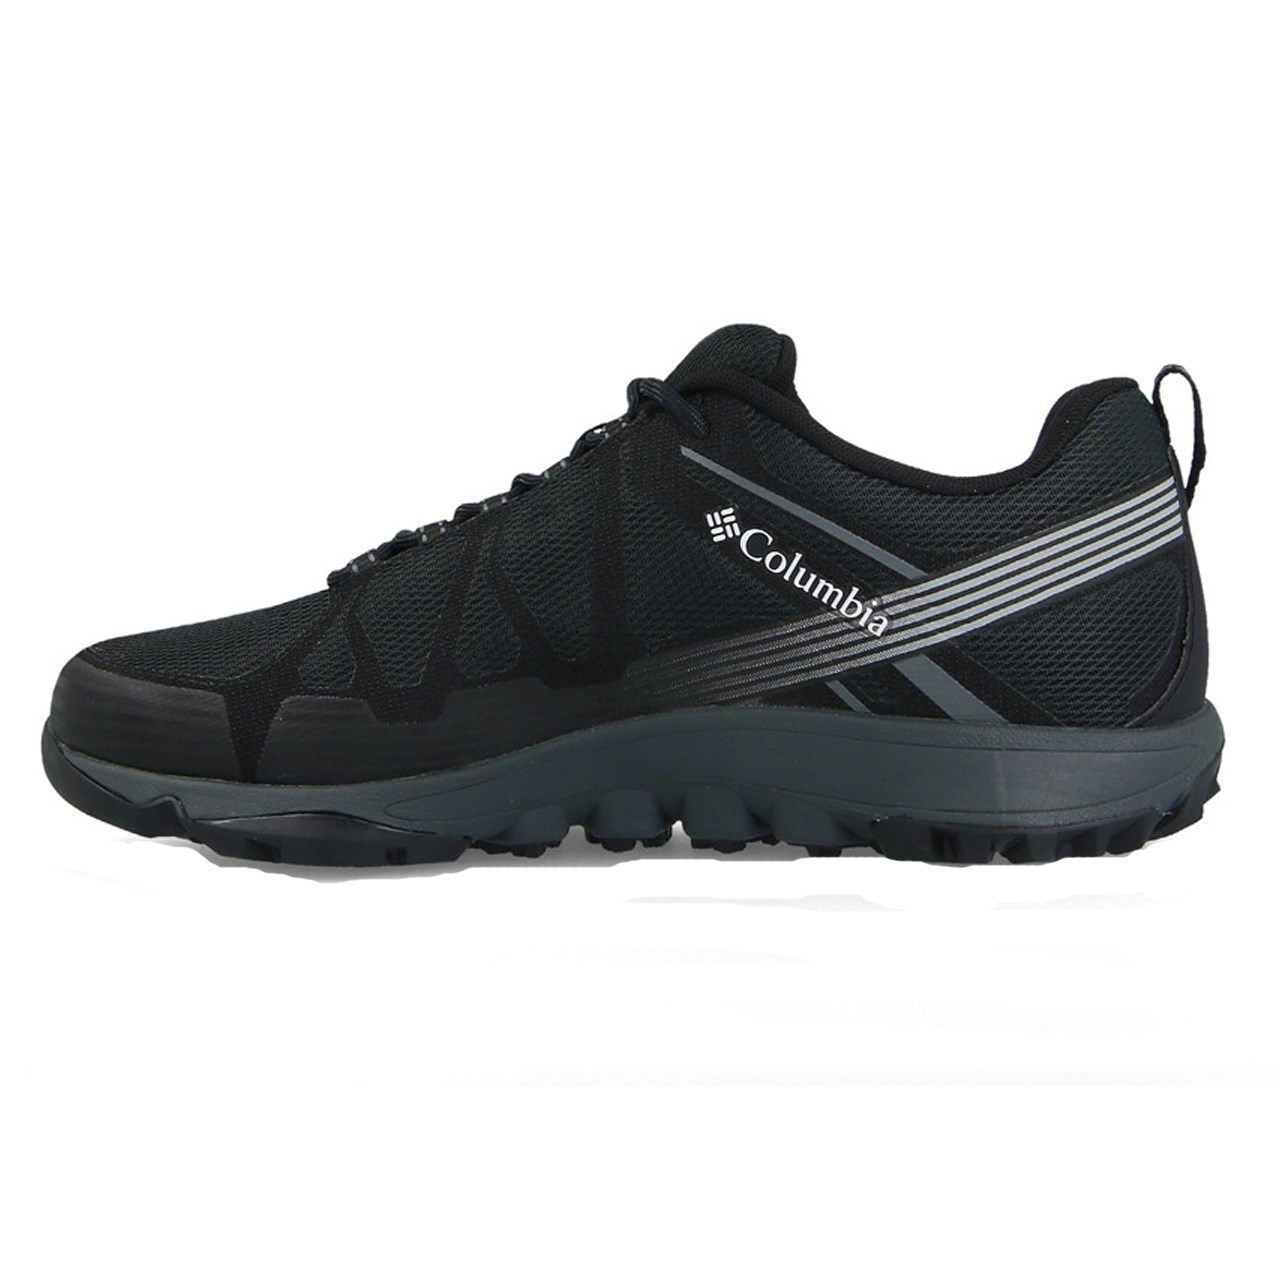 قیمت کفش مخصوص دویدن مردانه کلمبیا مدل BM 5390-010